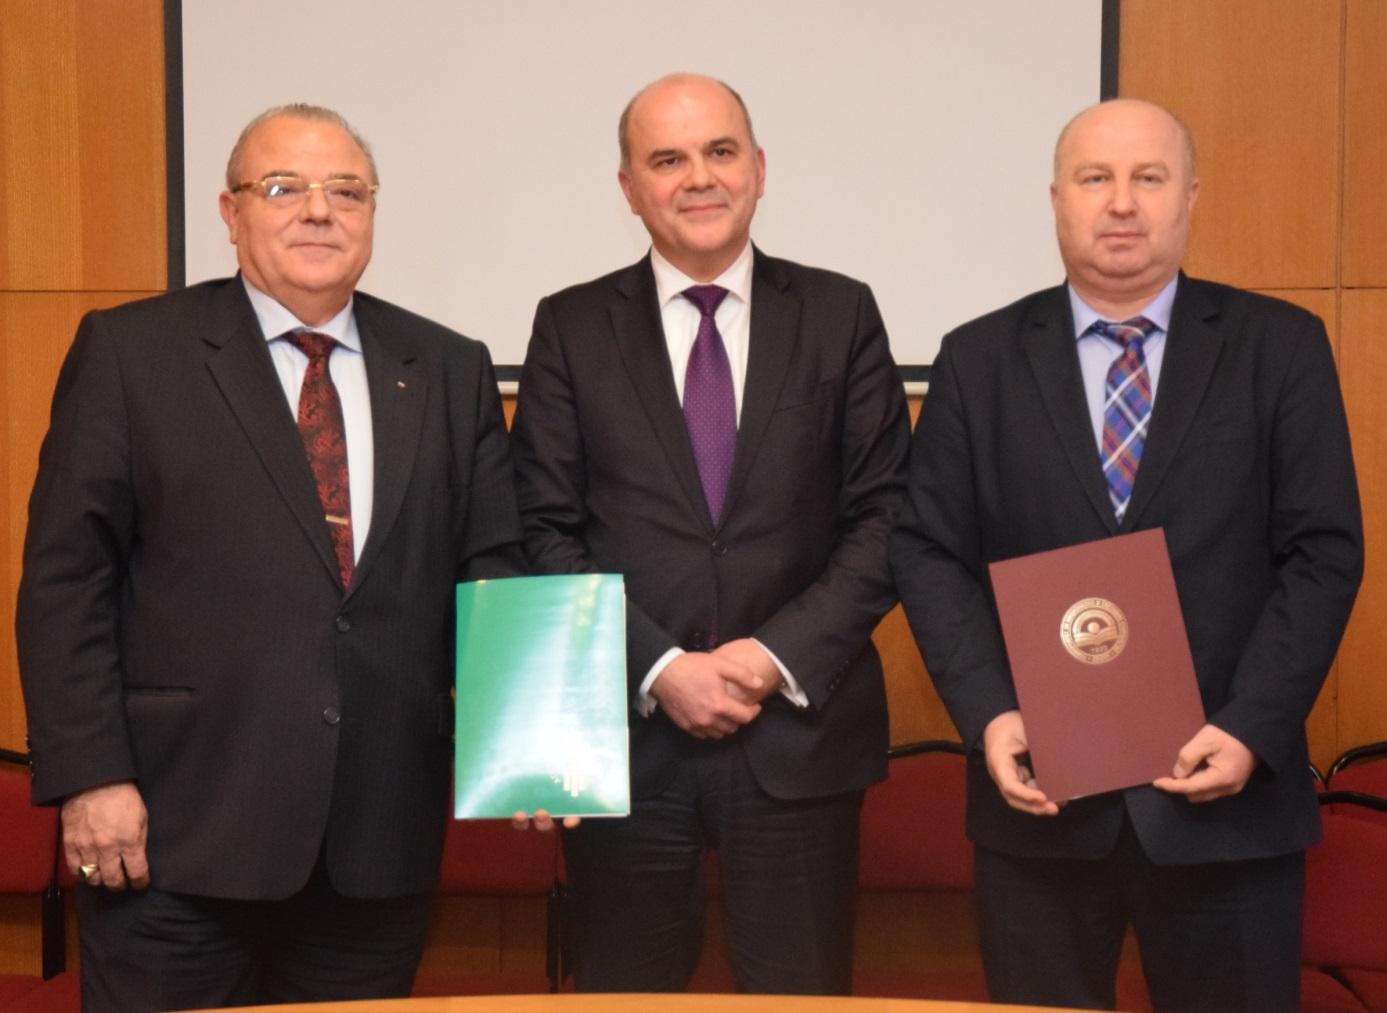 Ректорът на УНСС проф. д.ик.н. Стати Статев и Драгомир Николов, изпълнителен директор на Агенцията по заетостта, подписаха споразумение за сътрудничество и съвместна дейност между двете институции<i>.</i><i>&nbsp;</i>На церемонията присъства доц. д-р Бисер Петков, министър на труда и социалната политика и ръководител на катедра &bdquo;Икономика на търговията&ldquo;.&nbsp;<i>&nbsp;</i>